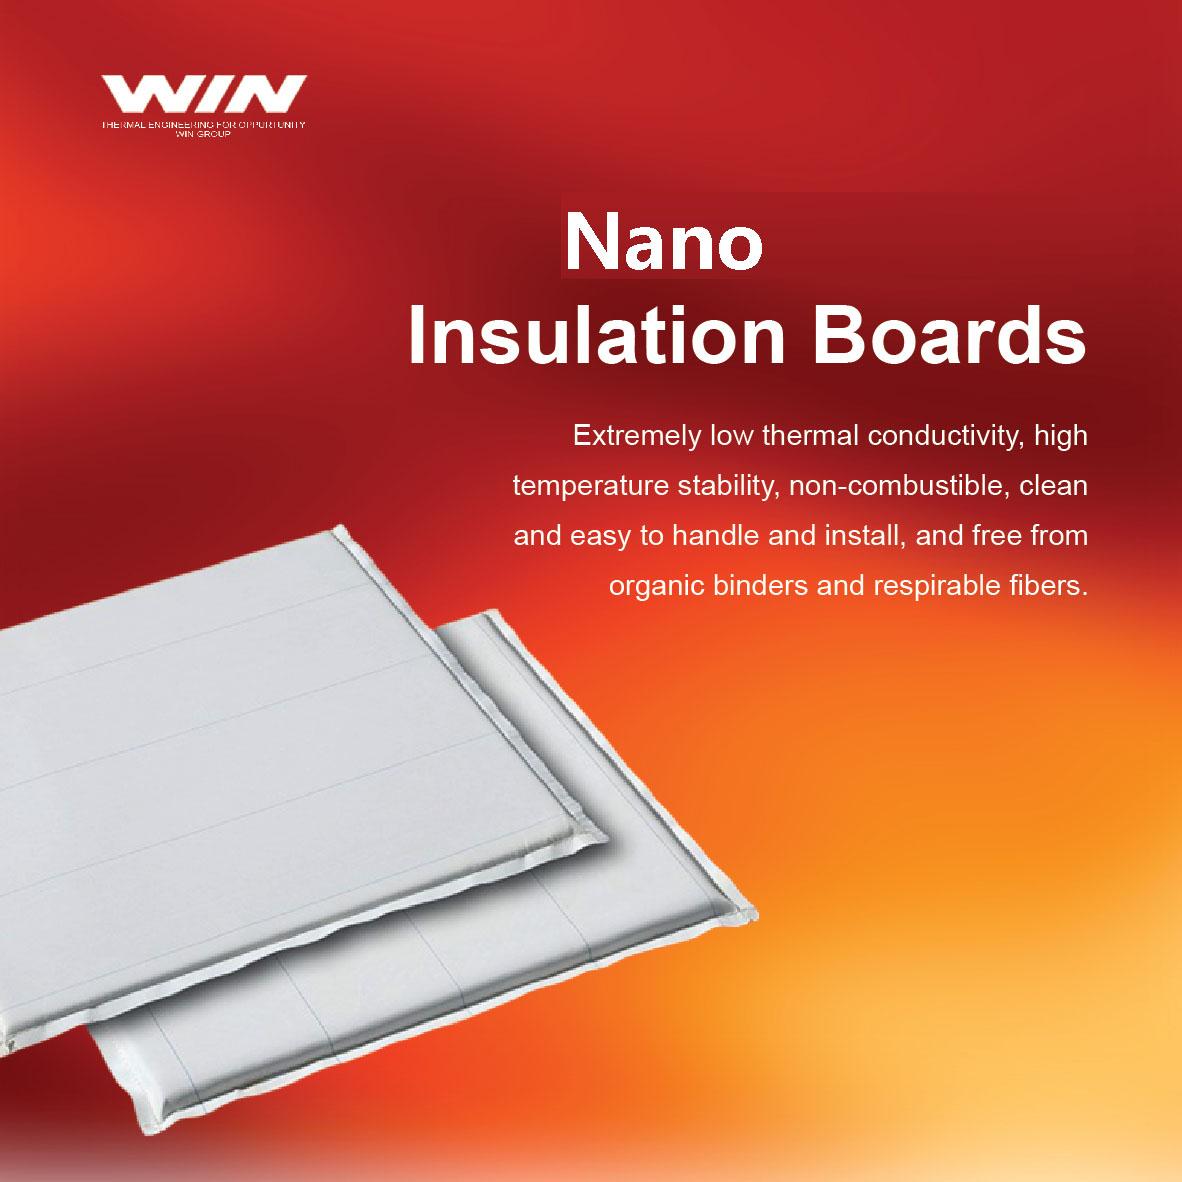 Nano Insulation Boards